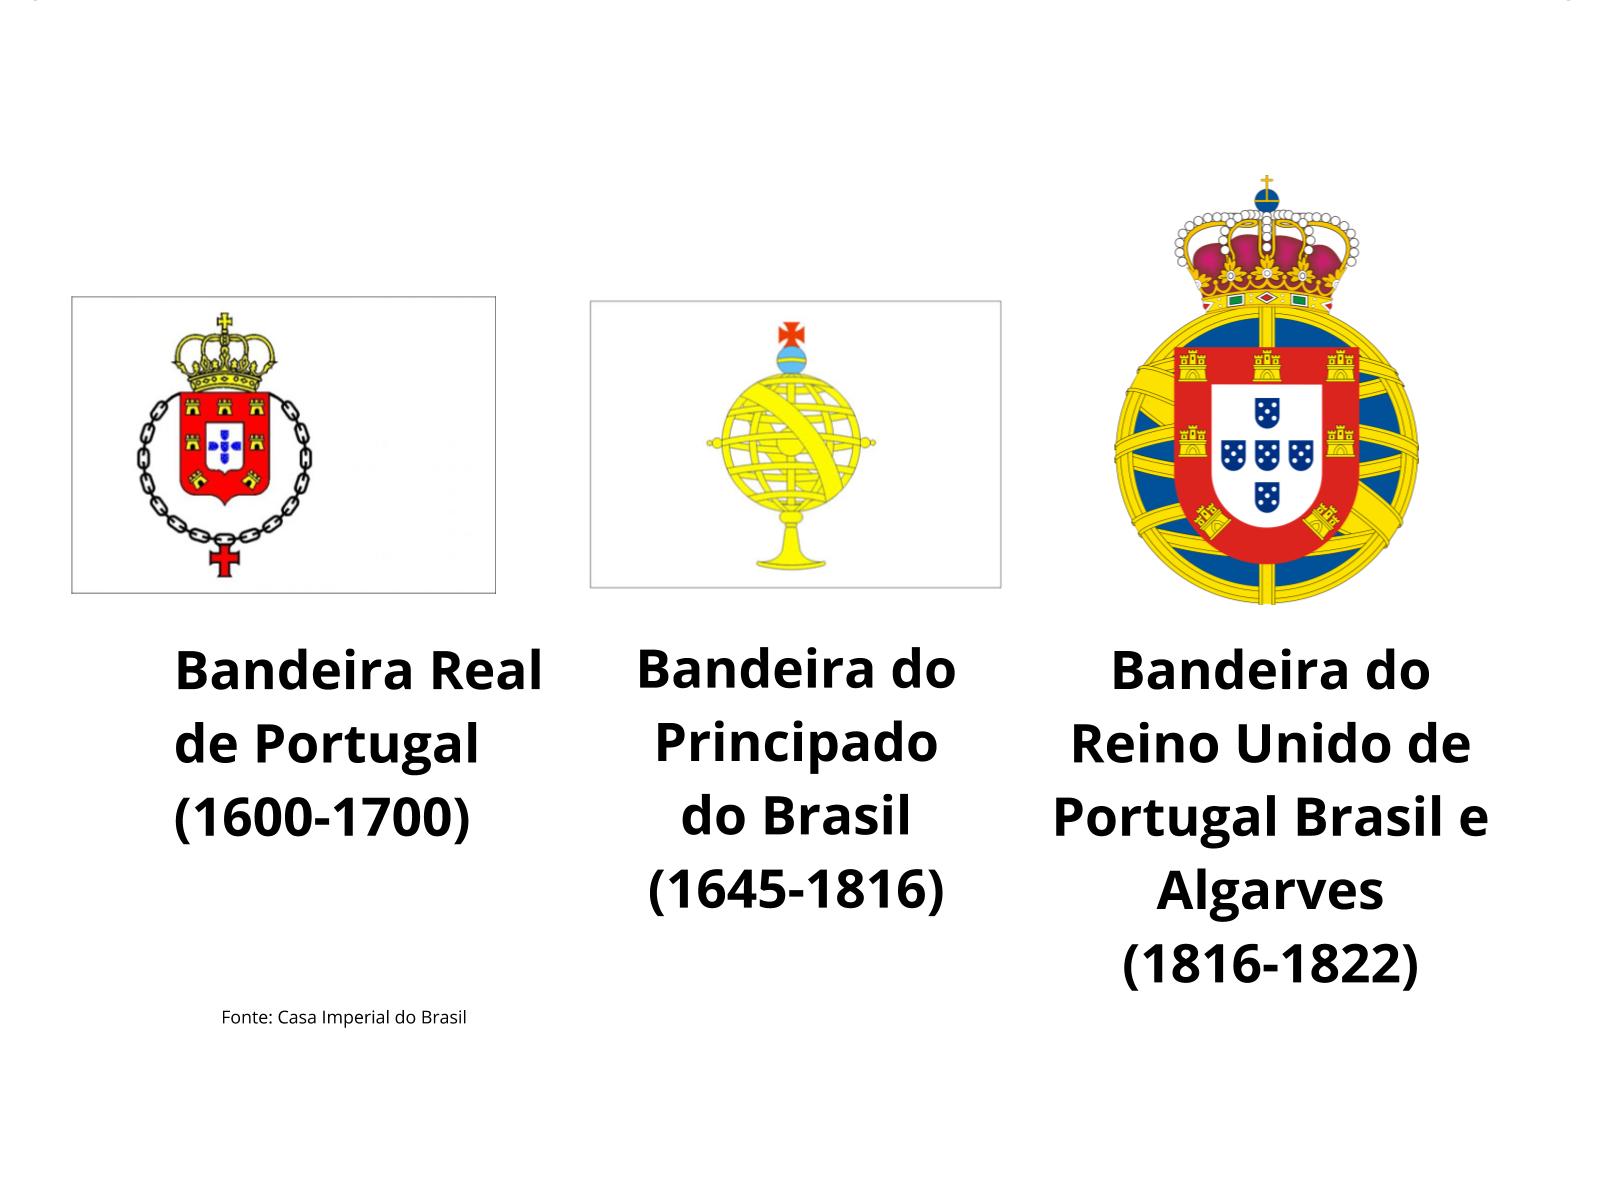 A vinda da Corte de D. João VI e a elevação do Brasil como Reino Unido a Portugal e Algarves